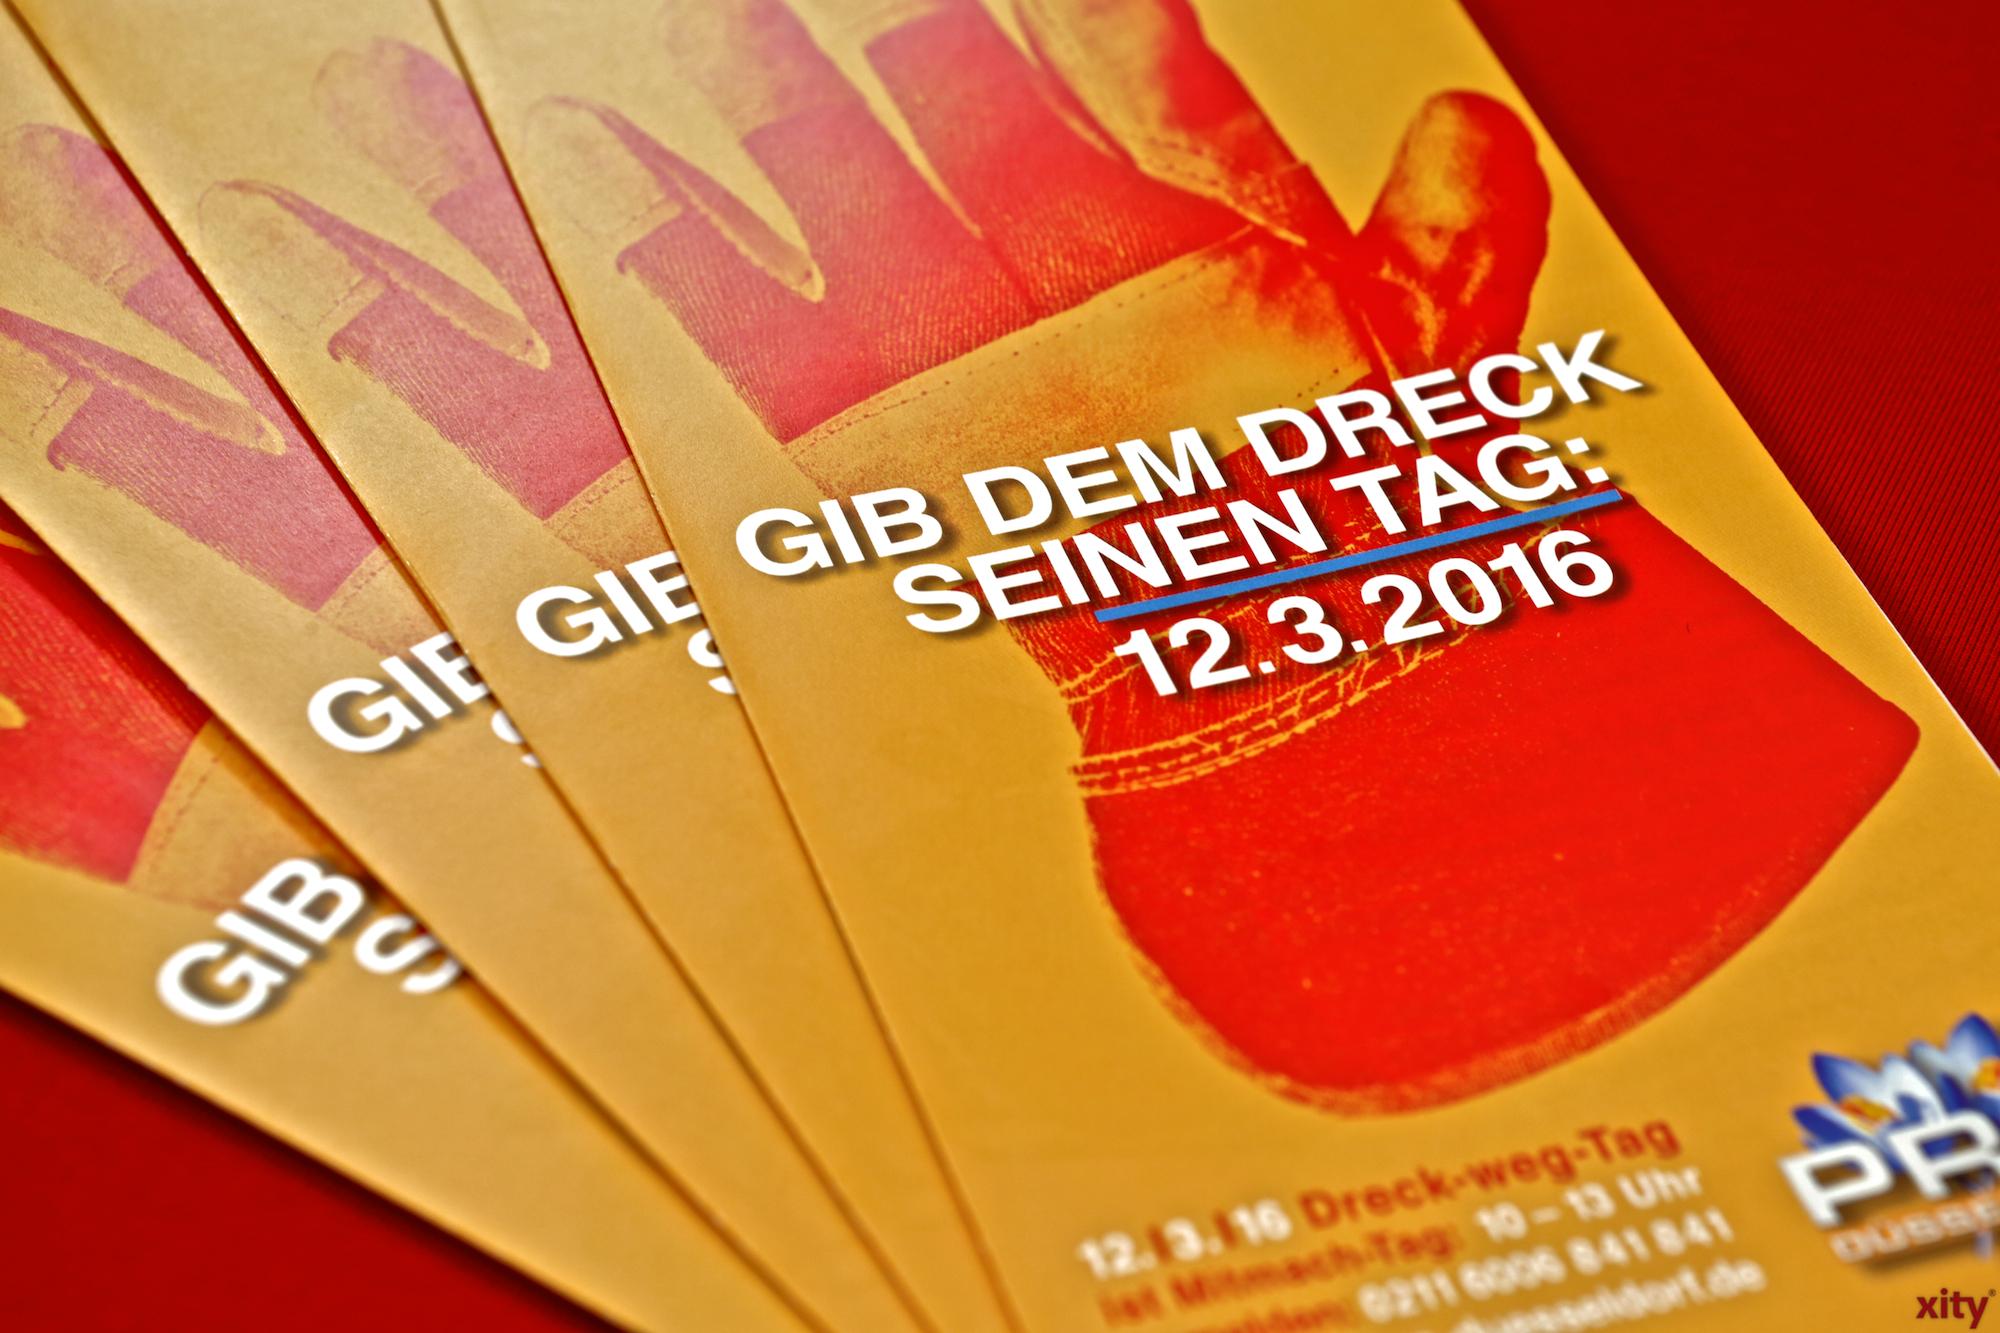 Der Dreck-Weg-Tag findet am 12. März 2016 statt (Foto: xity)